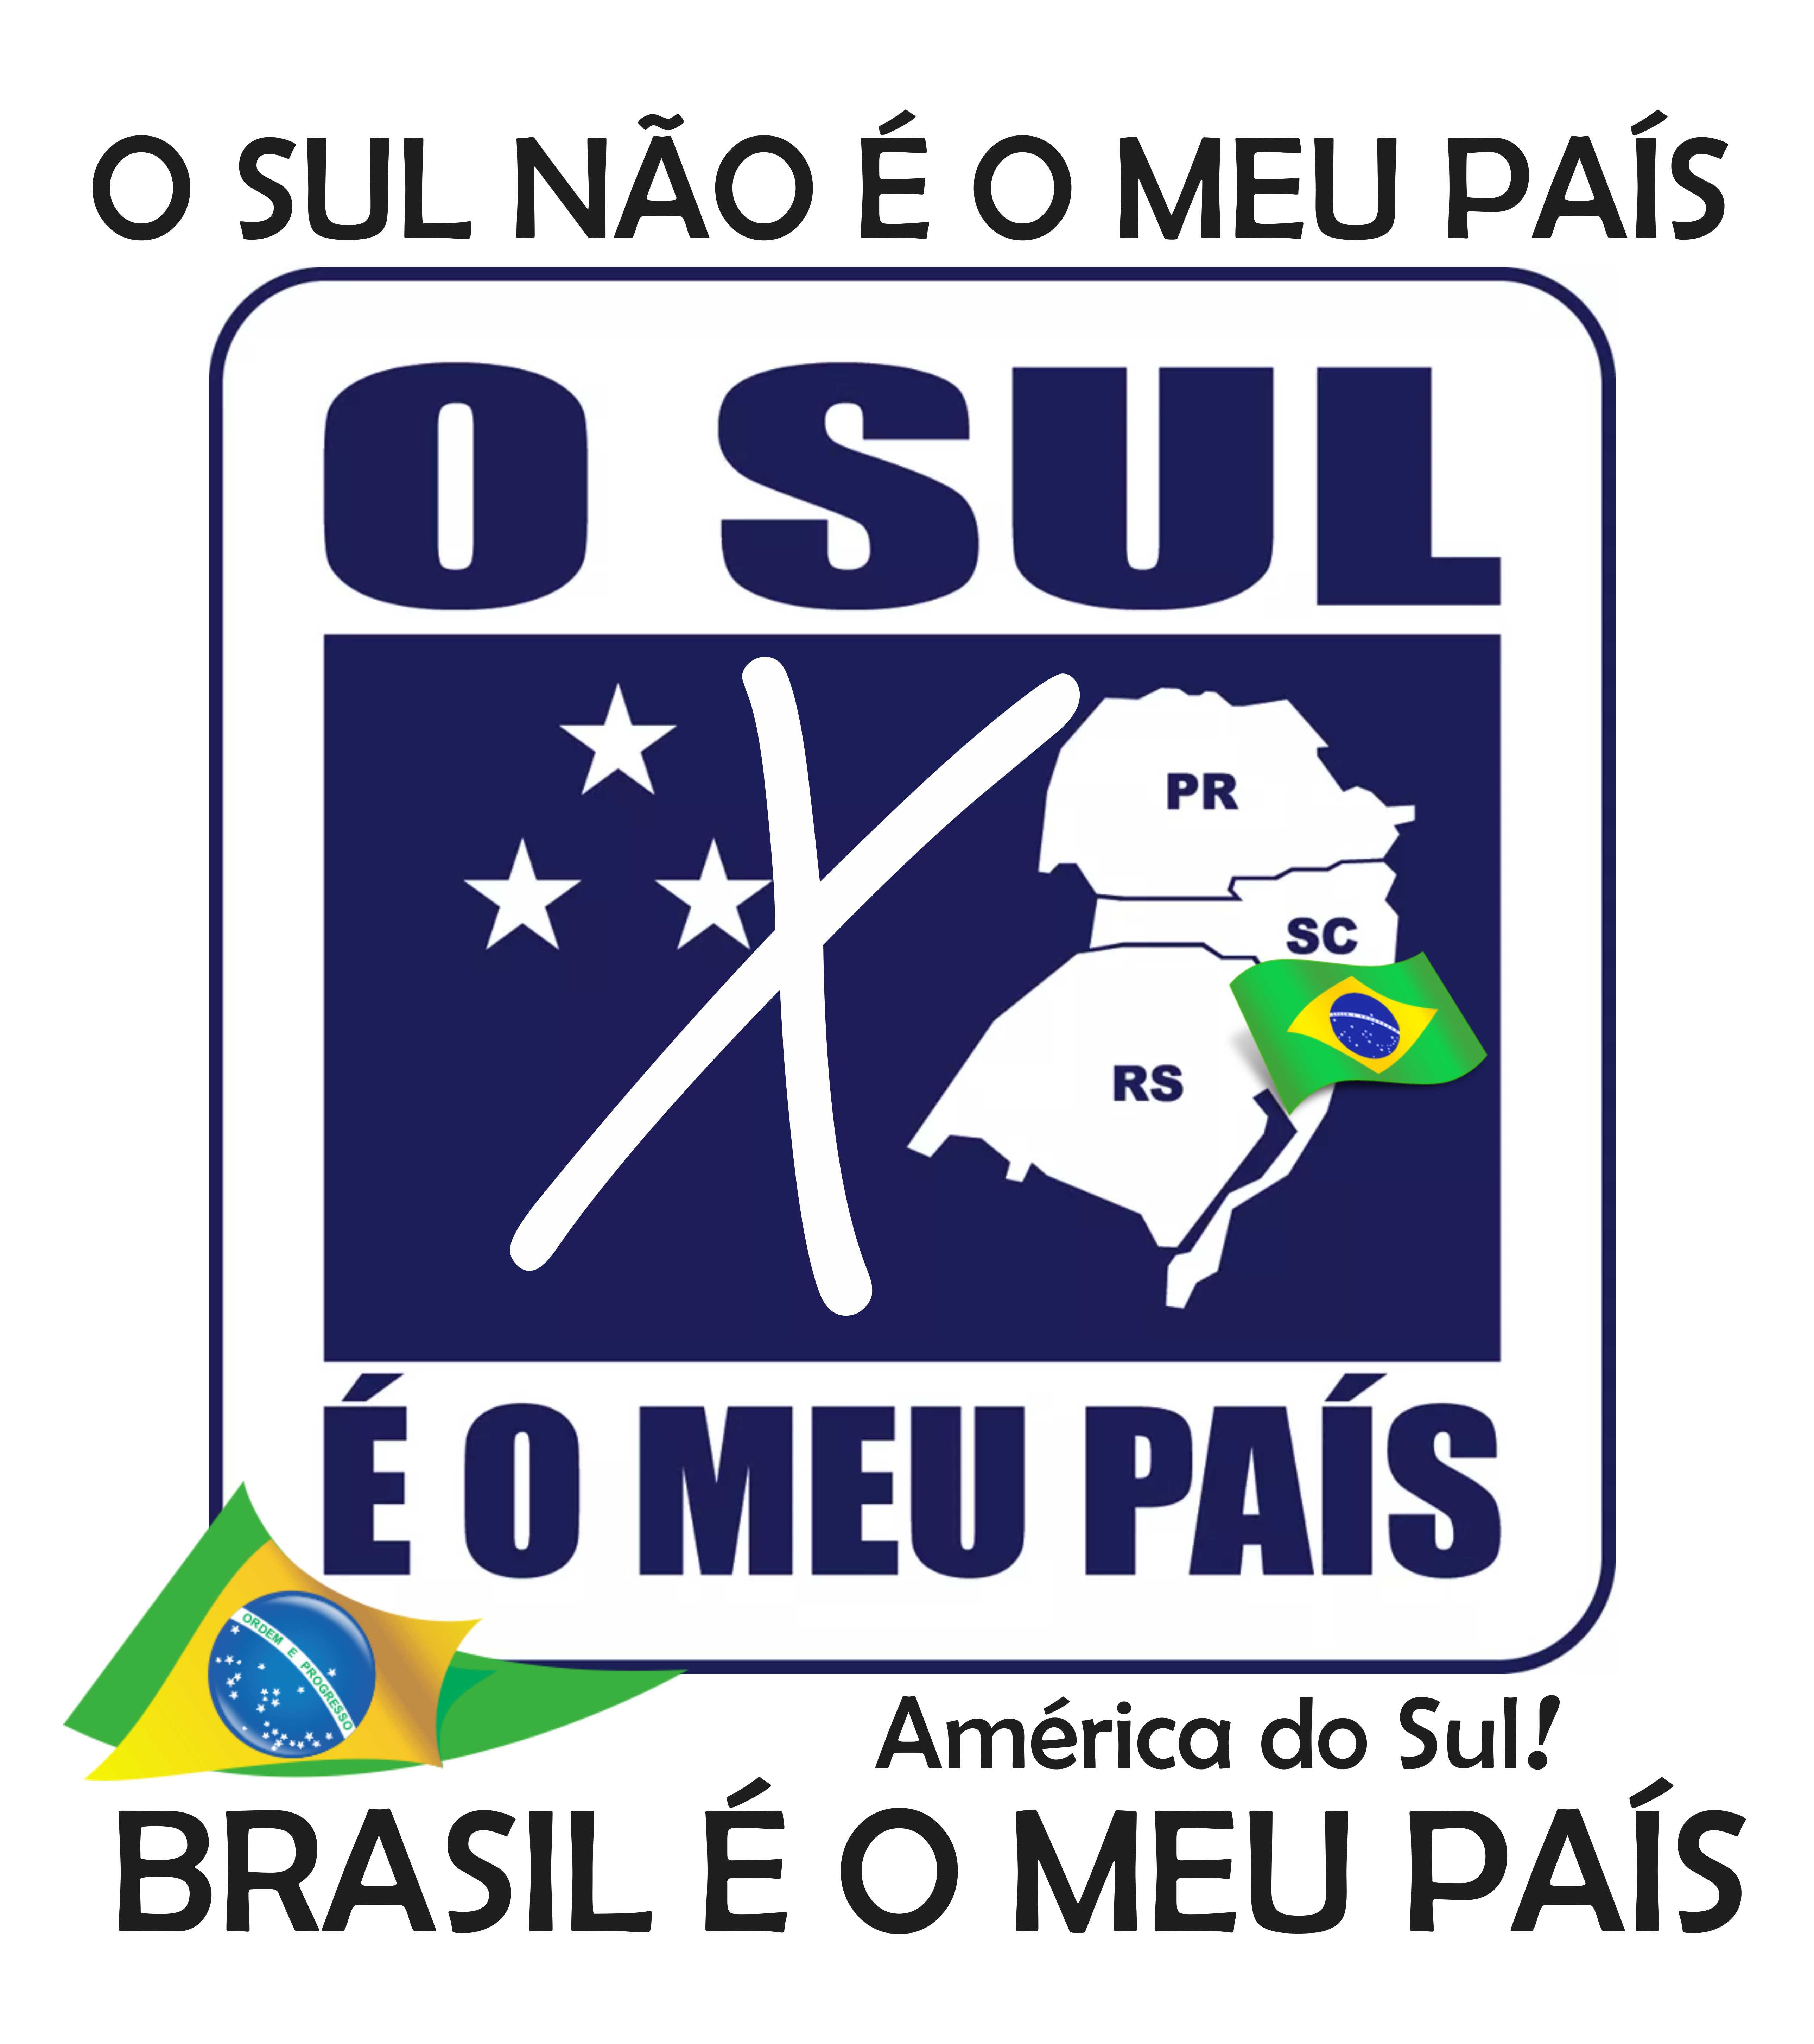 BRASIL é o MEU PAÍS América do Sul